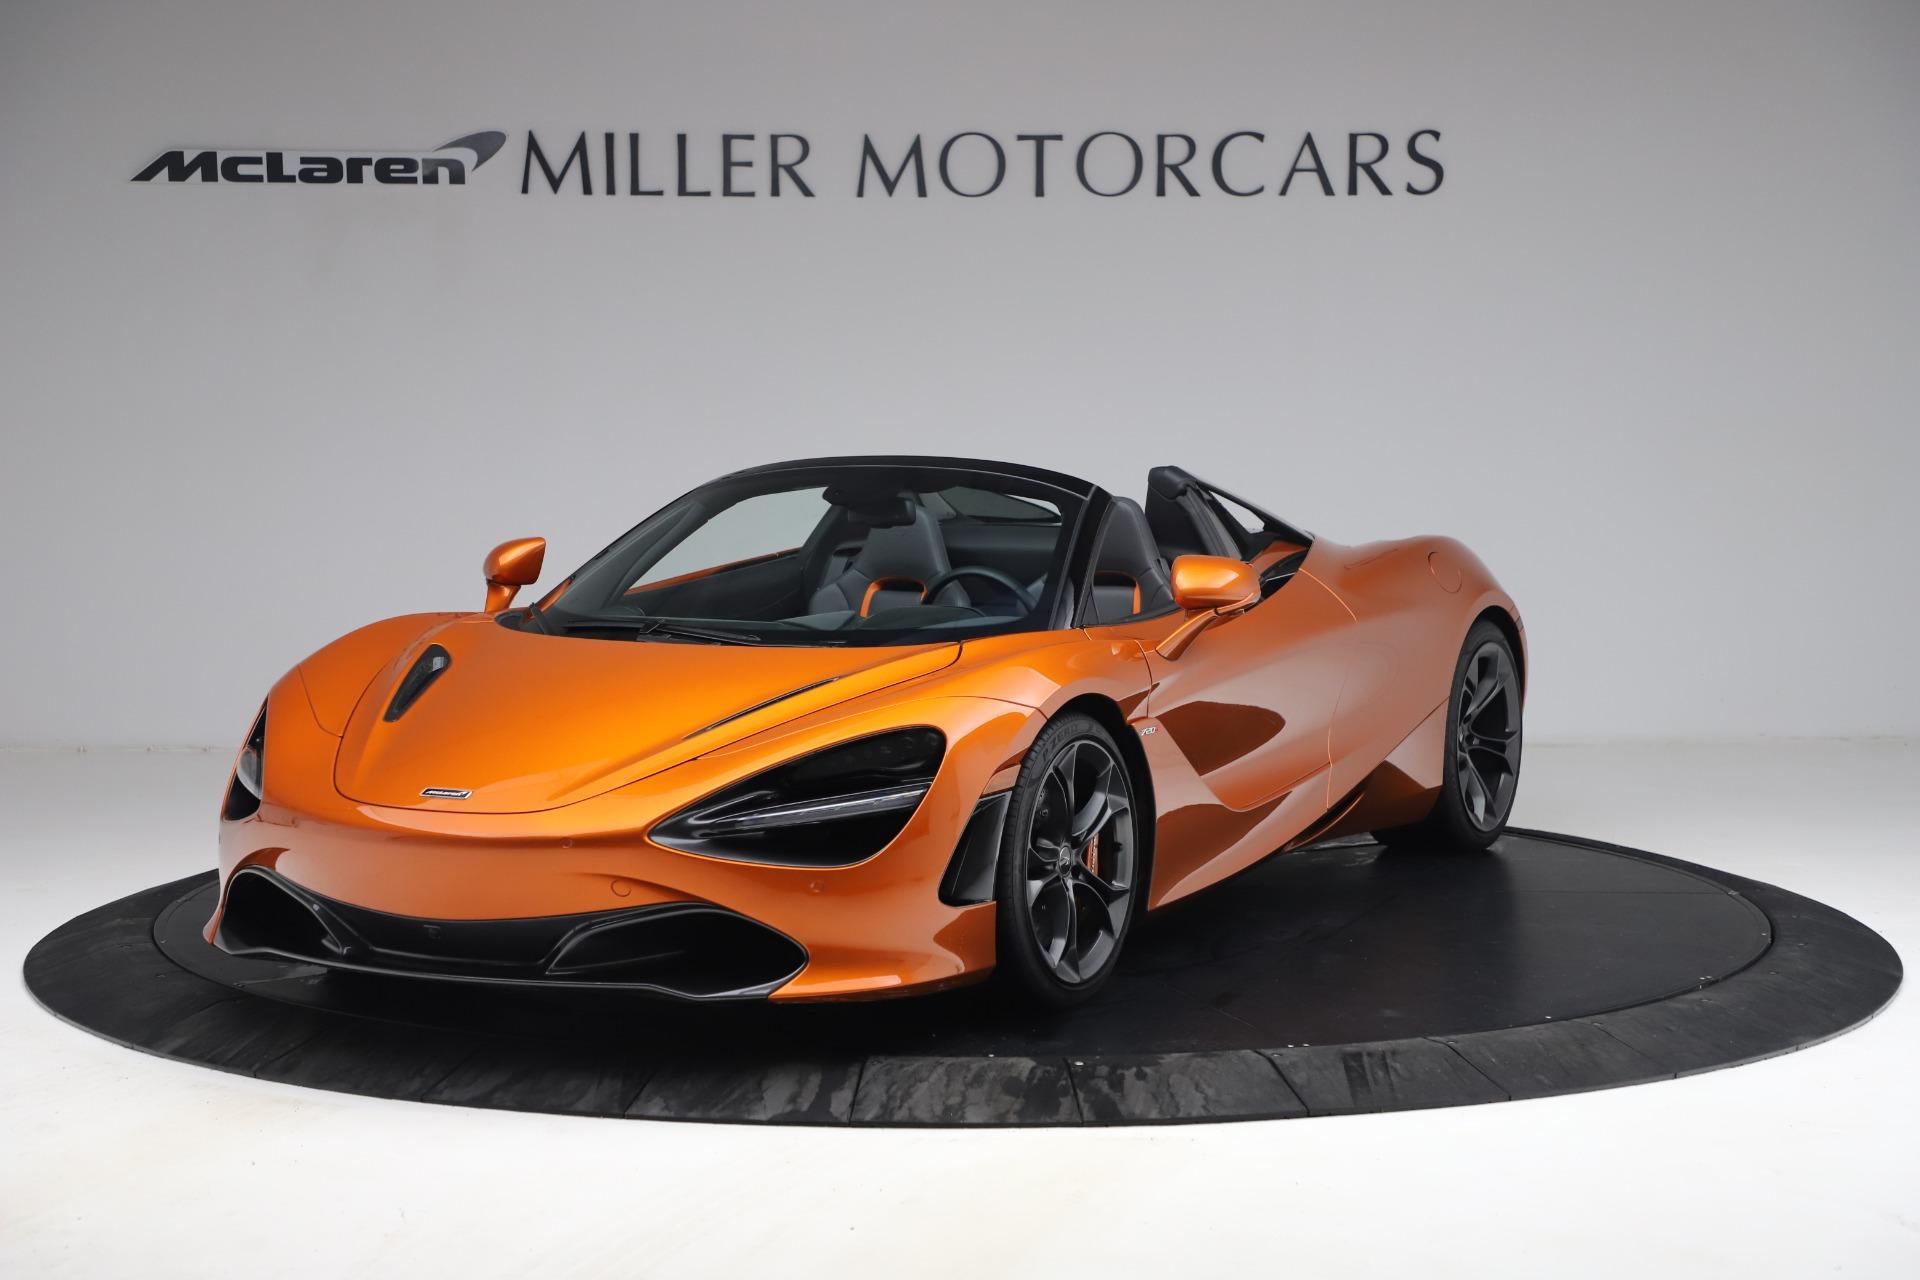 Used 2020 McLaren 720S Spider for sale $335,900 at Alfa Romeo of Westport in Westport CT 06880 1